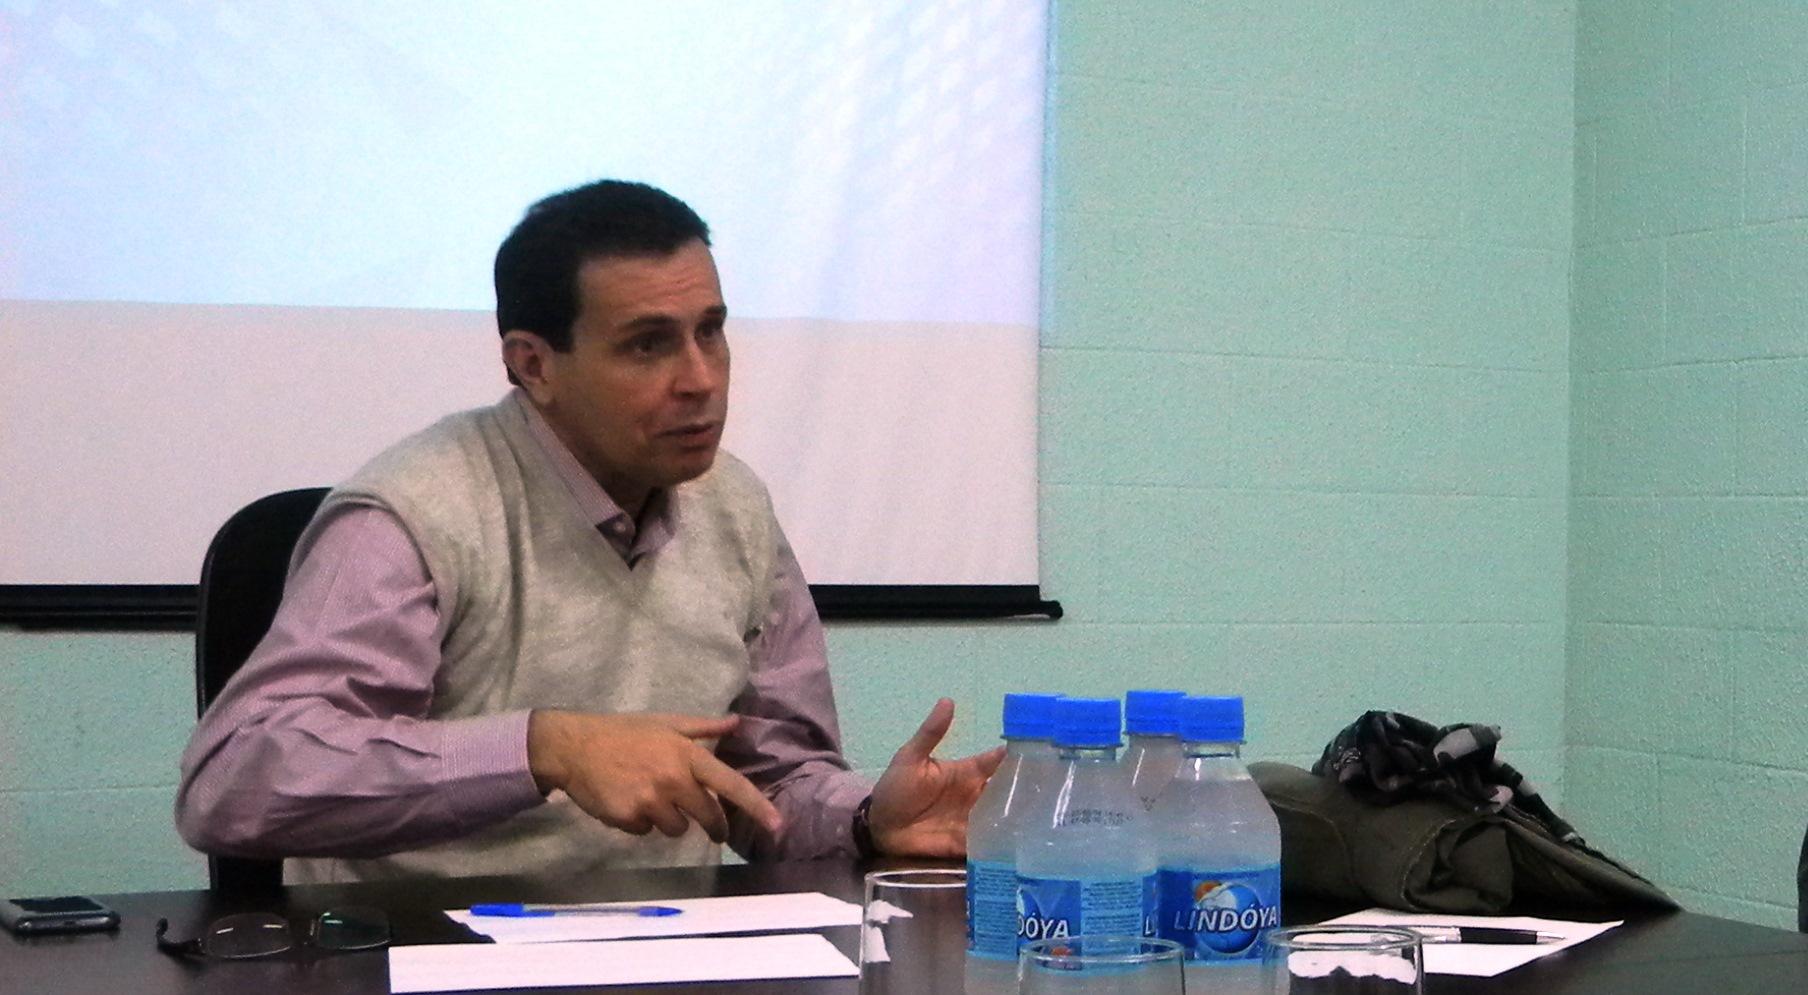 FOLHA DE SÃO PAULO: Auditoria liga ex-chefe de presídios de SP a fornecedores de secretaria